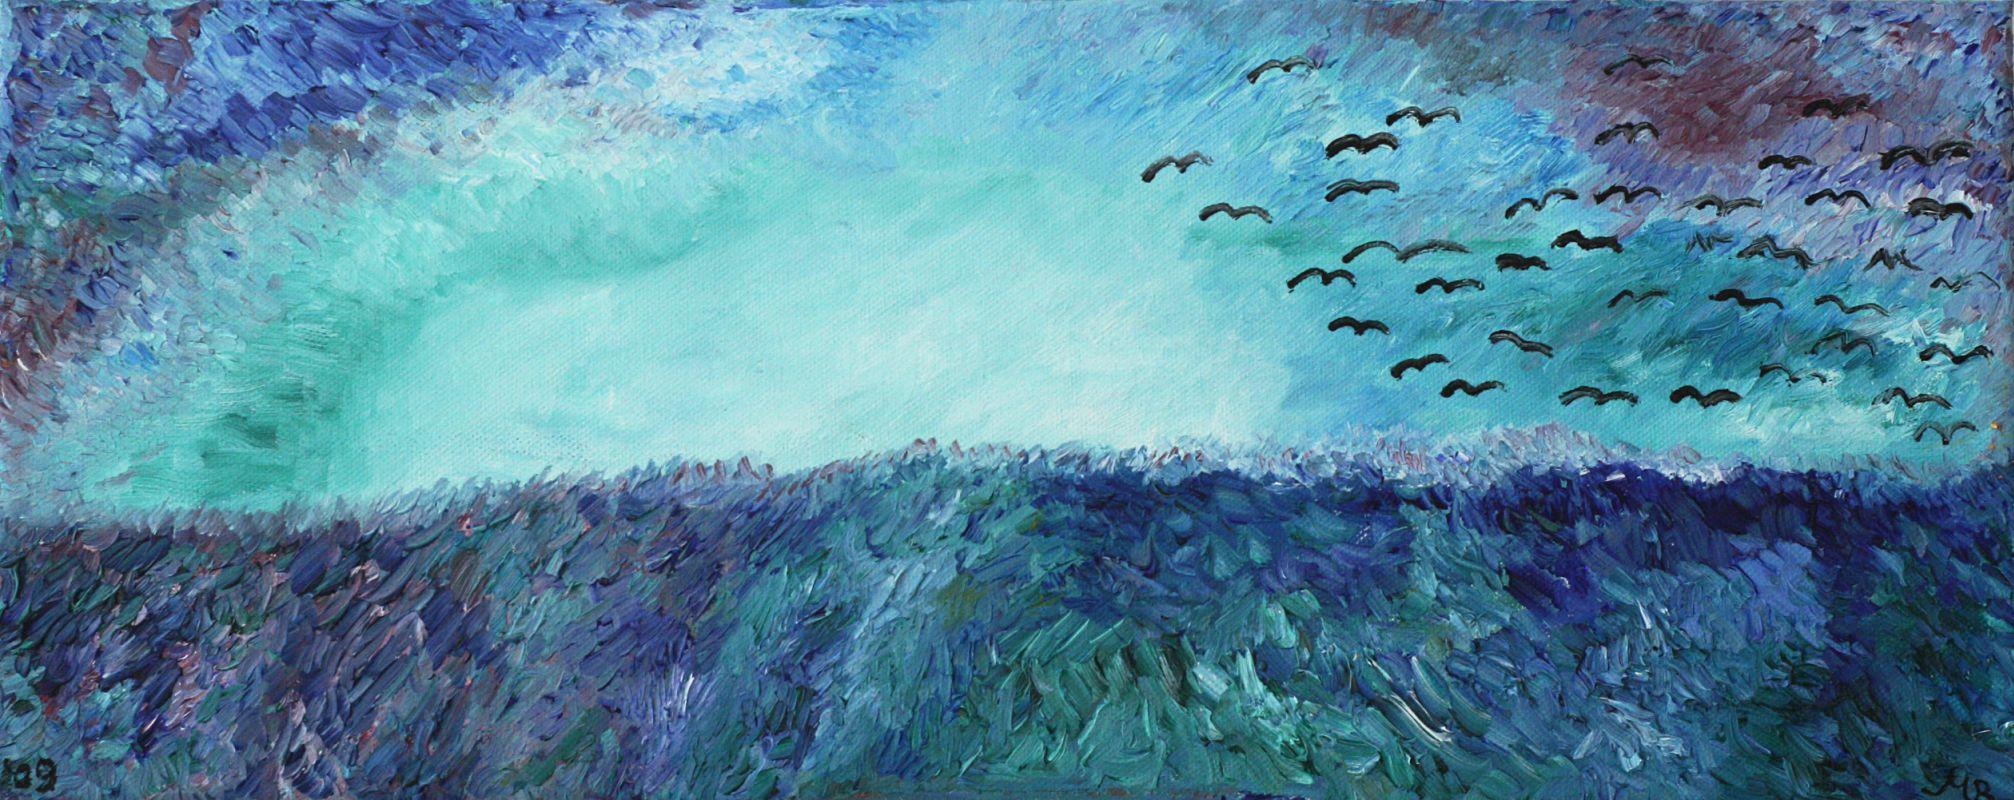 Tosendes Meer und Zugvögel (2009, 20 x 60 cm) vergeben